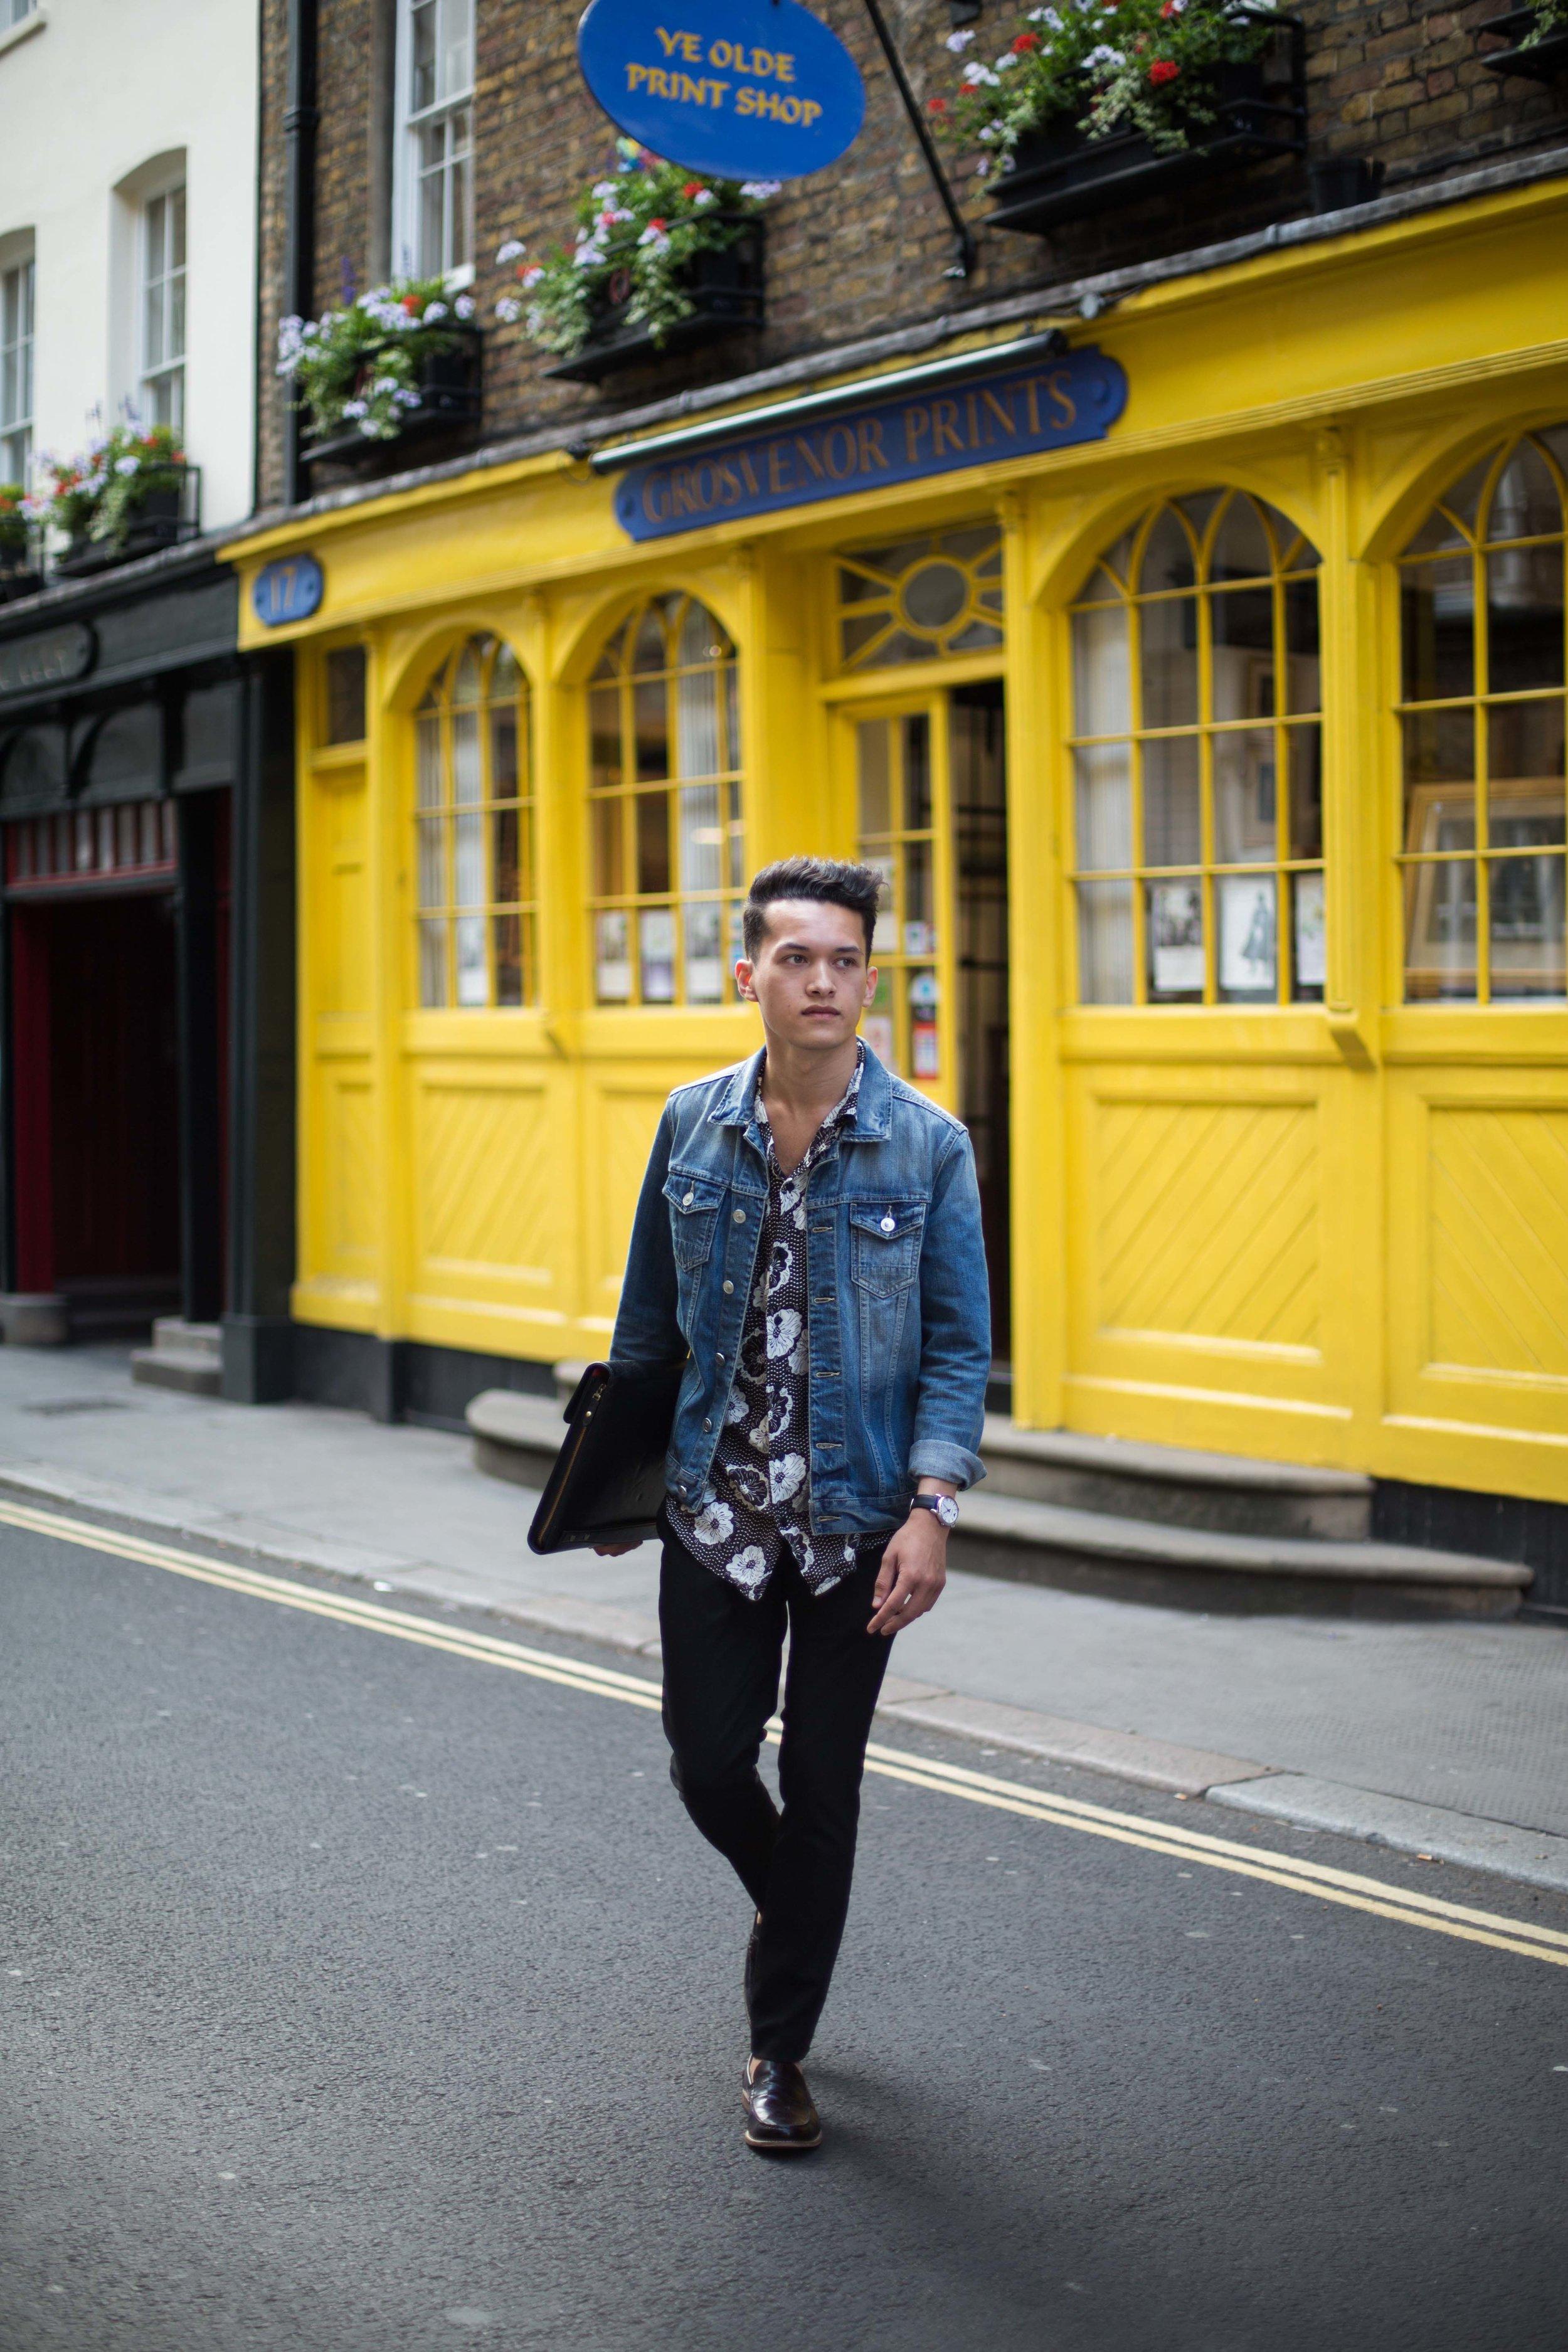 Jordan_Bunker_bold_prints_in_london_2.jpg